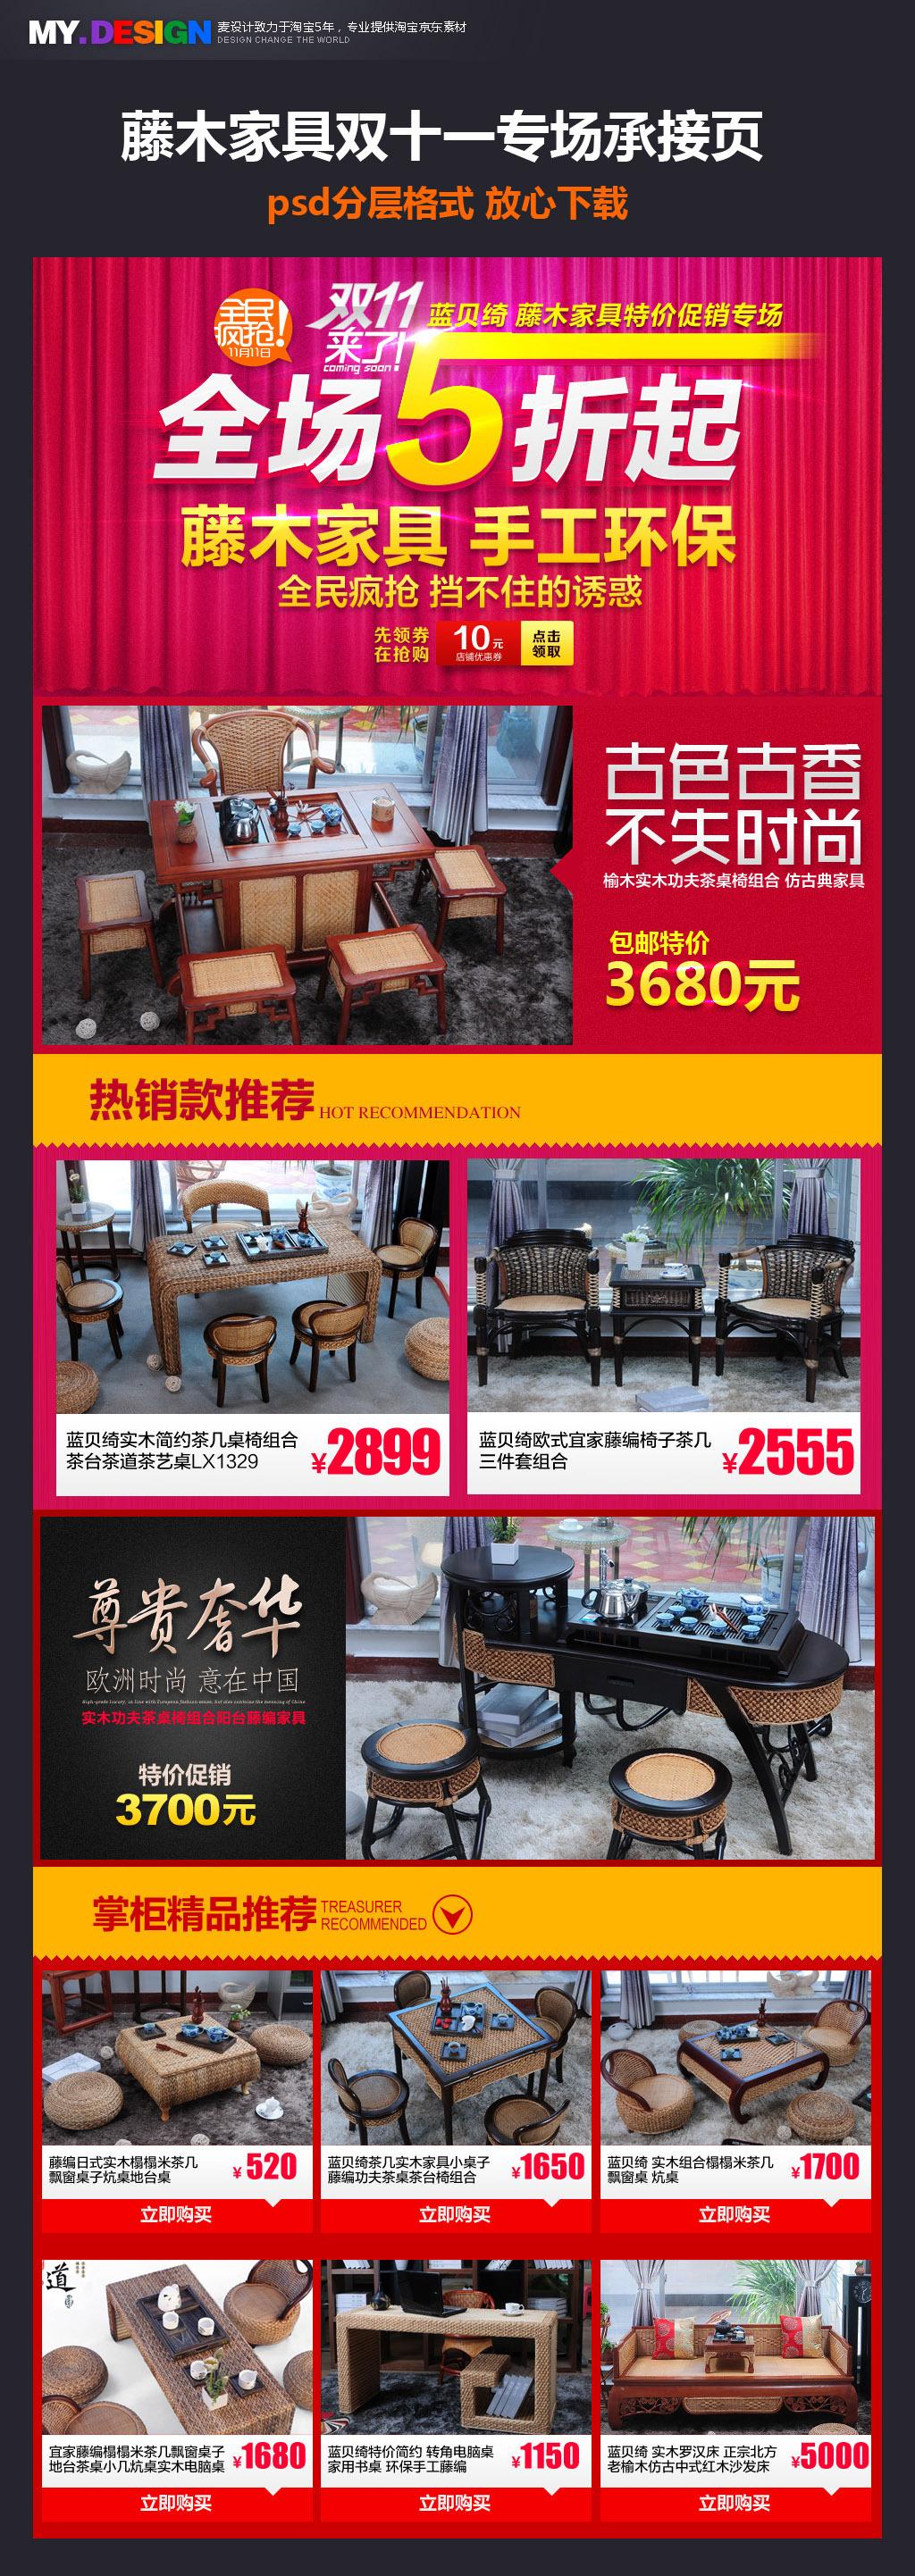 京东淘宝天猫双十一大促承接页红色喜庆促销图片